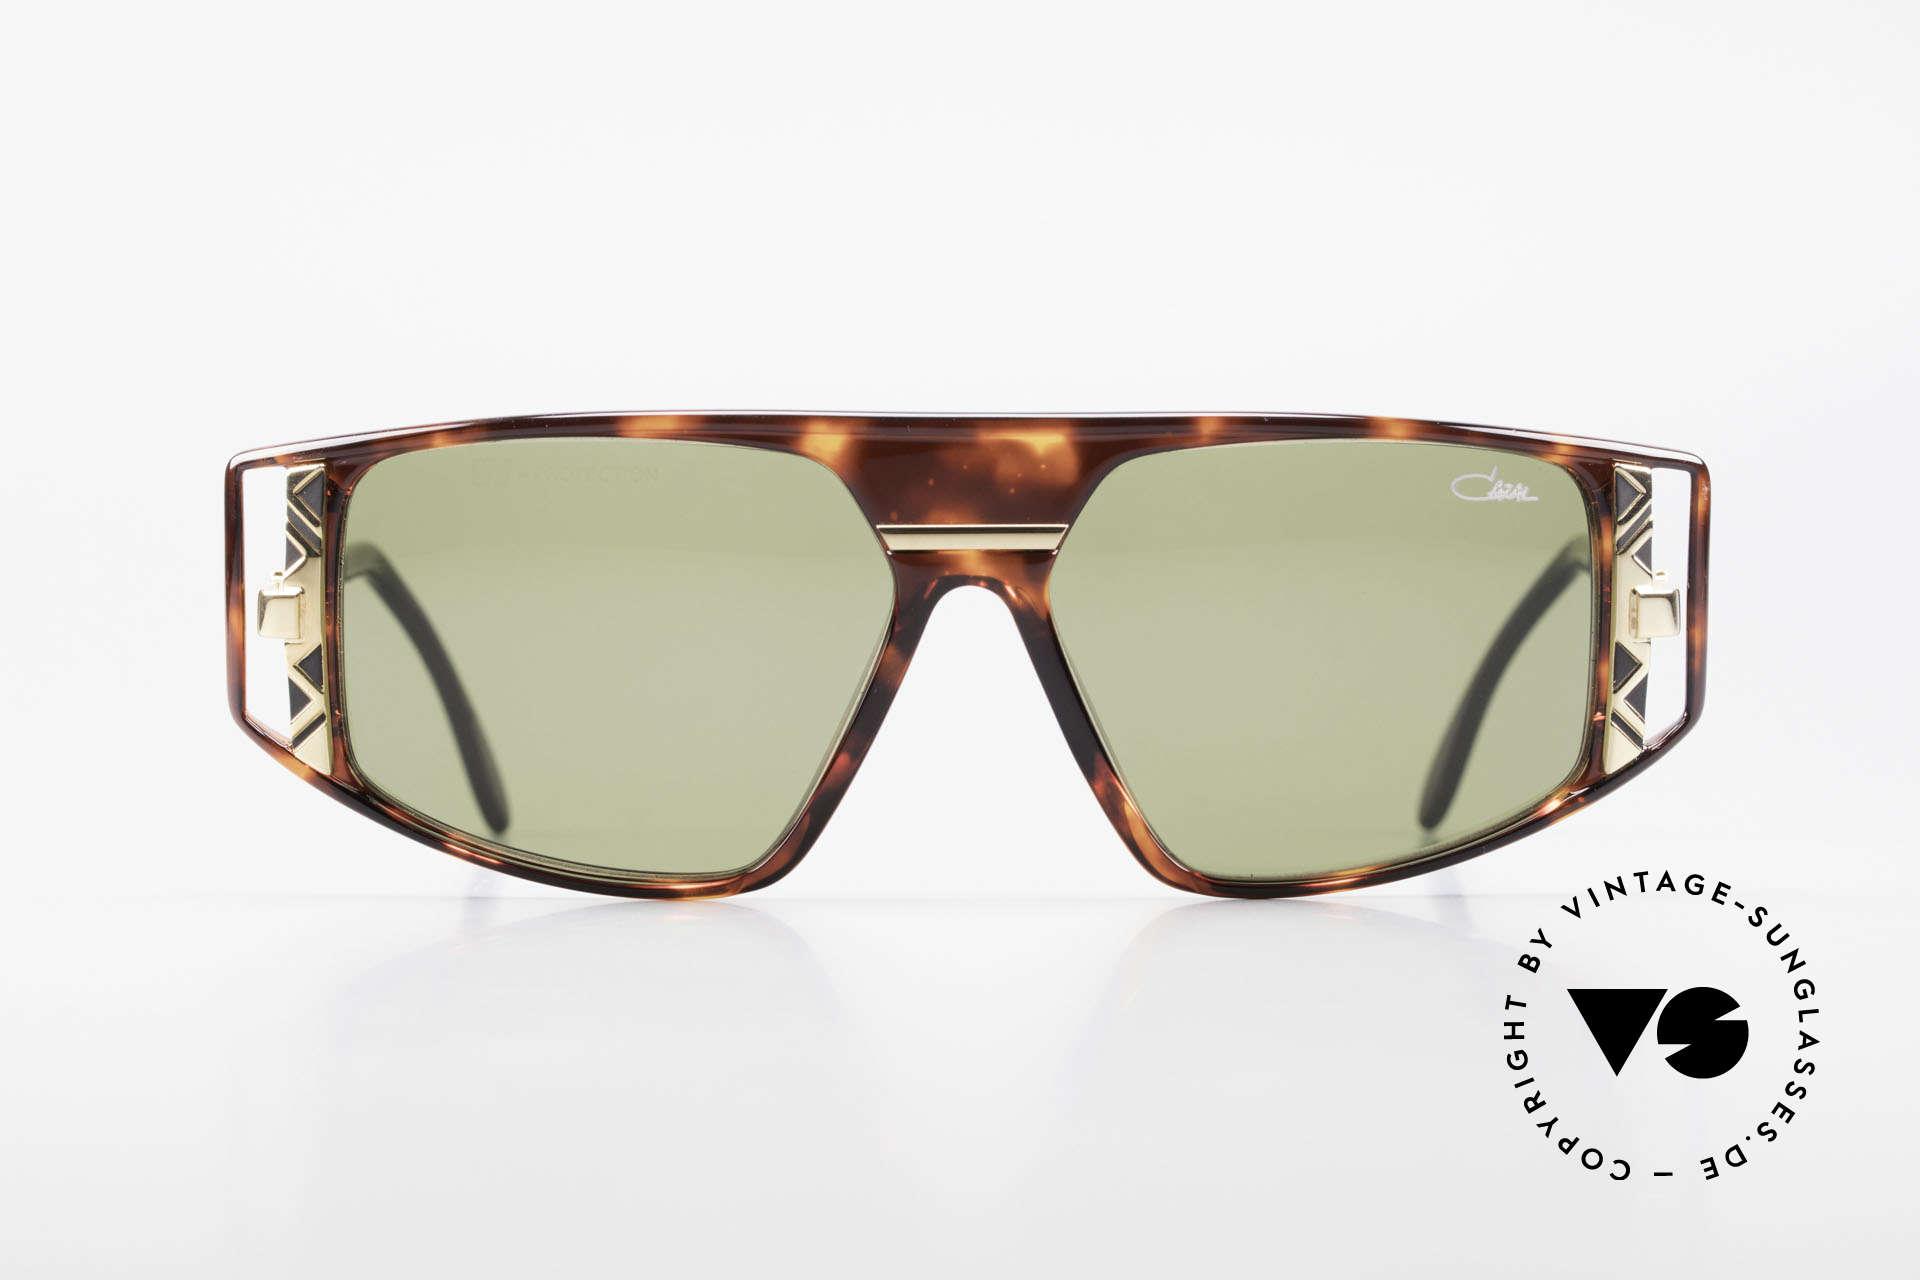 Cazal 874 90's Unisex Designer Shades, vintage CAZAL designer sunglasses from 1993/1994, Made for Men and Women